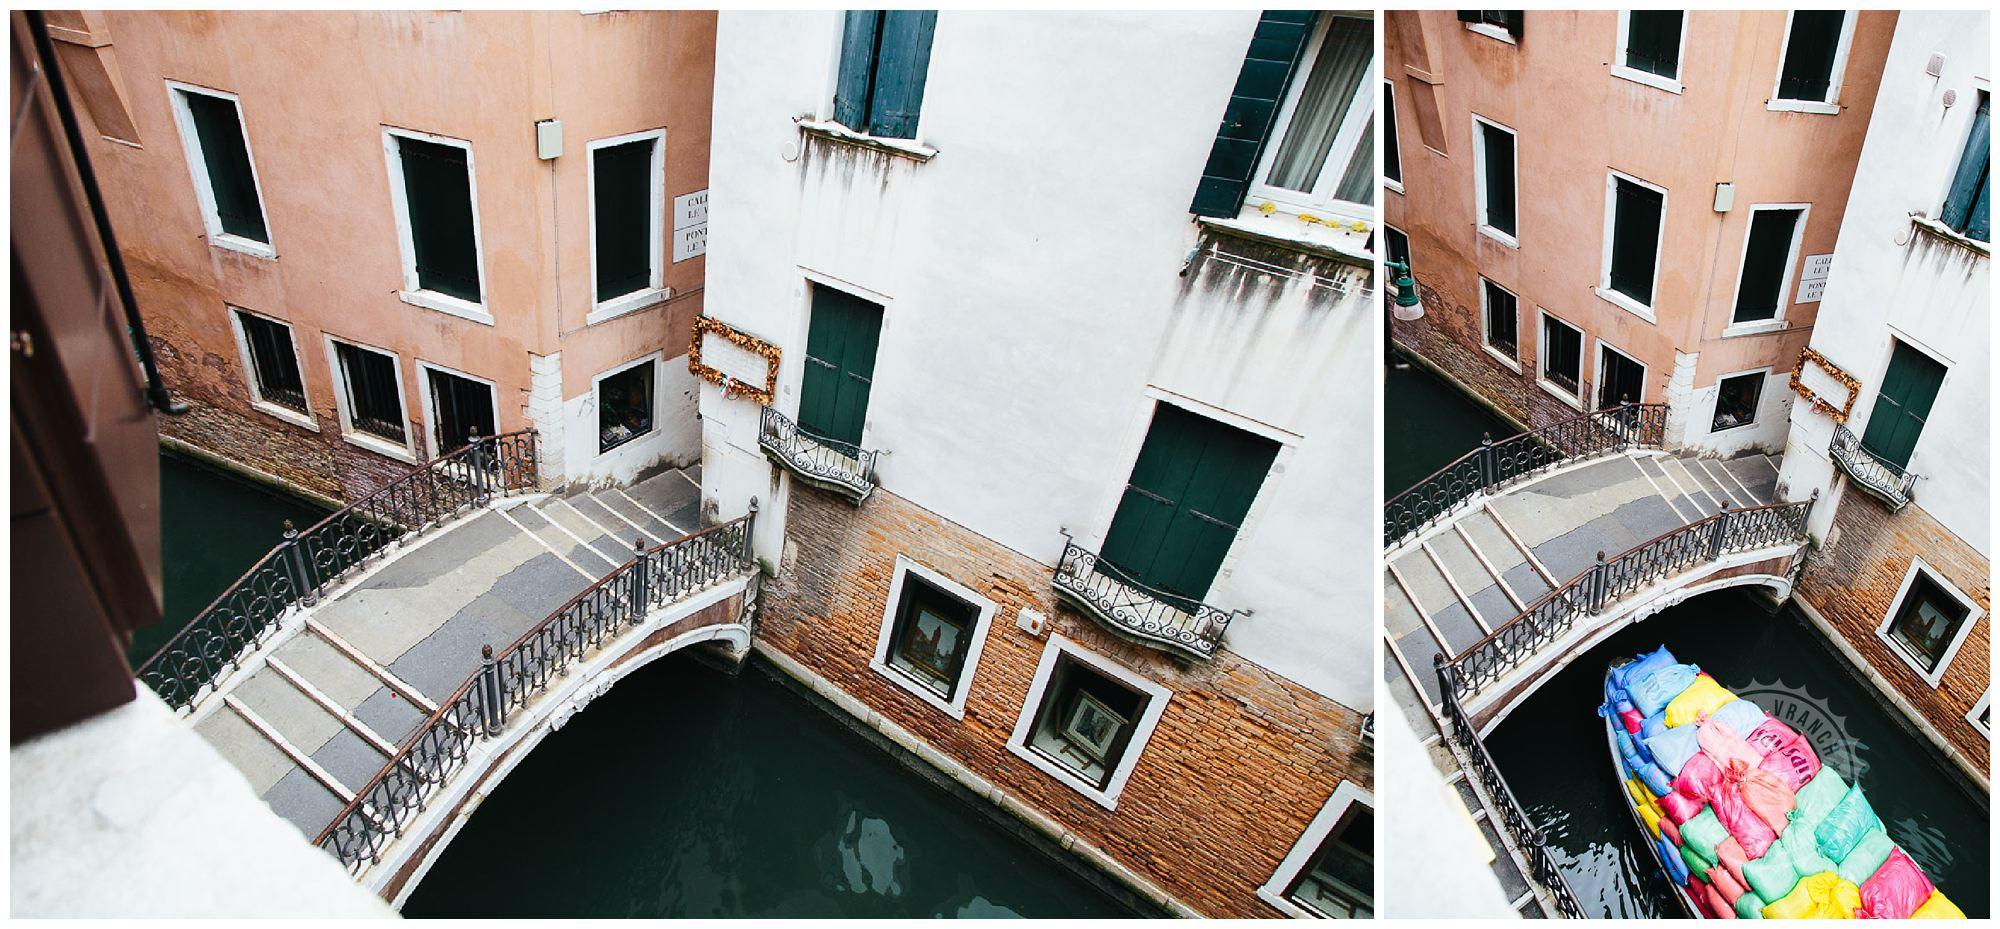 Italy-422